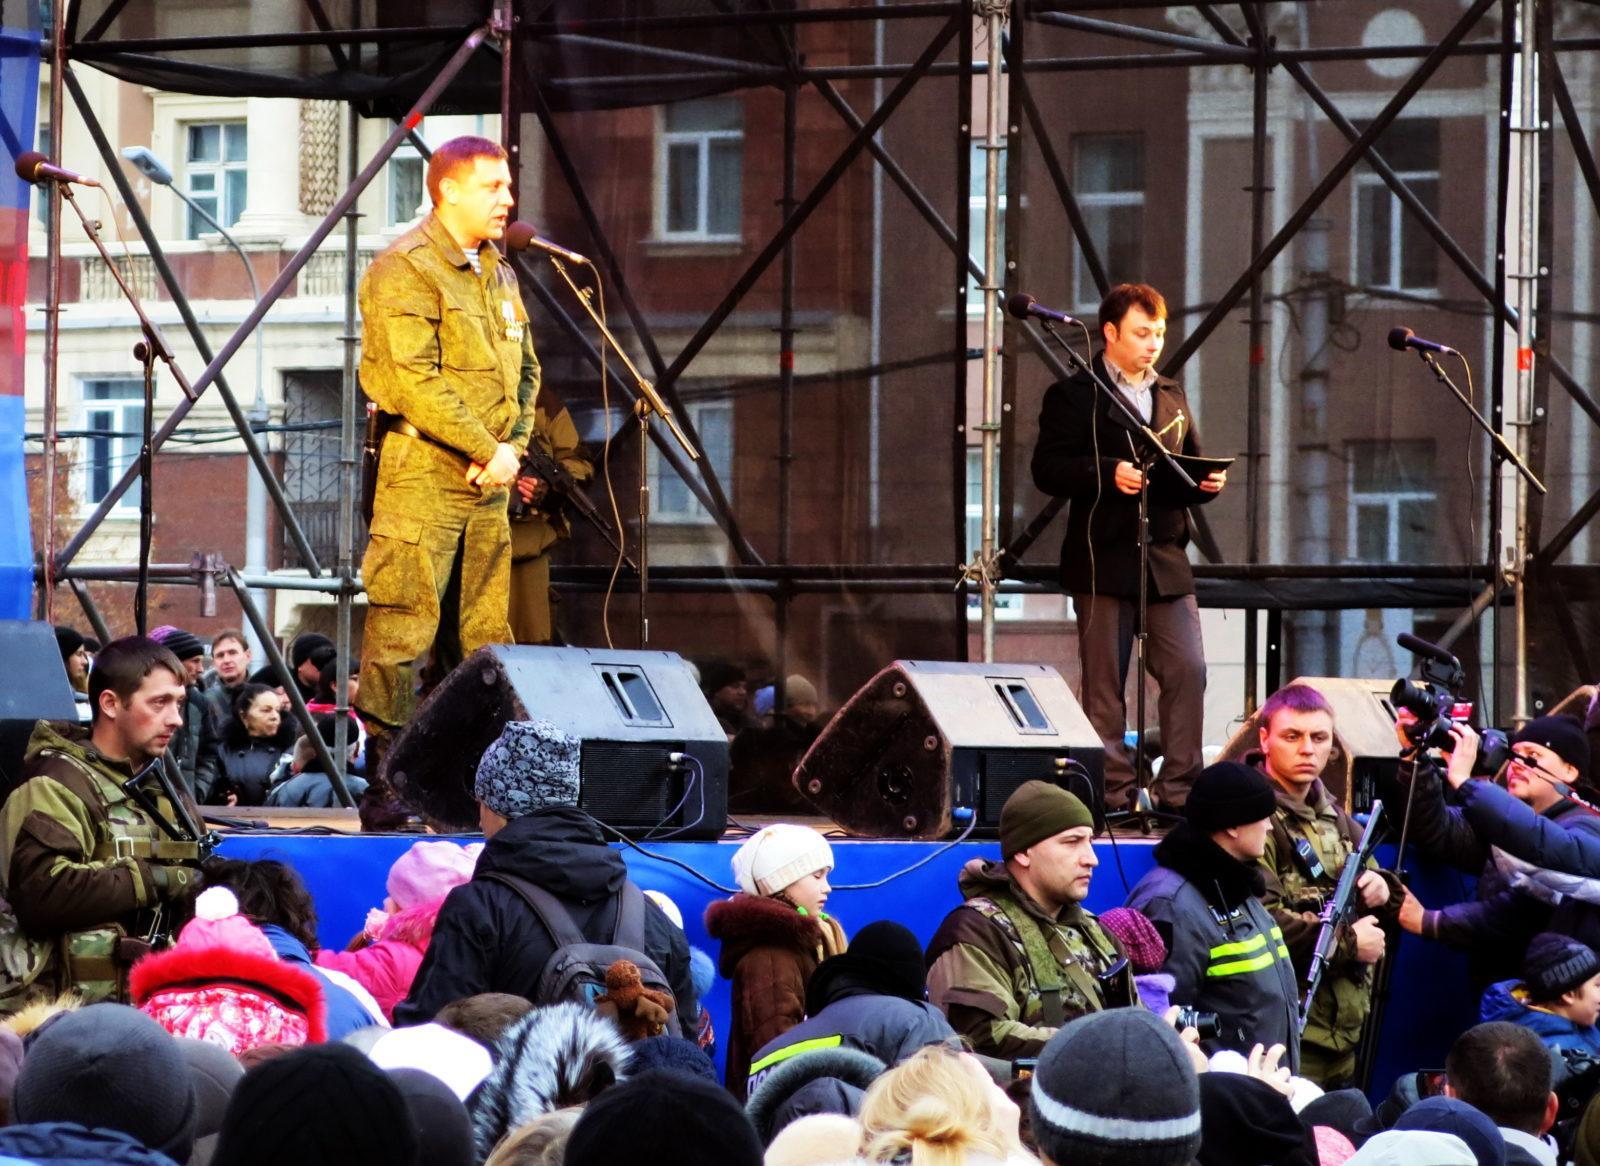 Международный день солидарности людей. 20 декабря 2014 г.